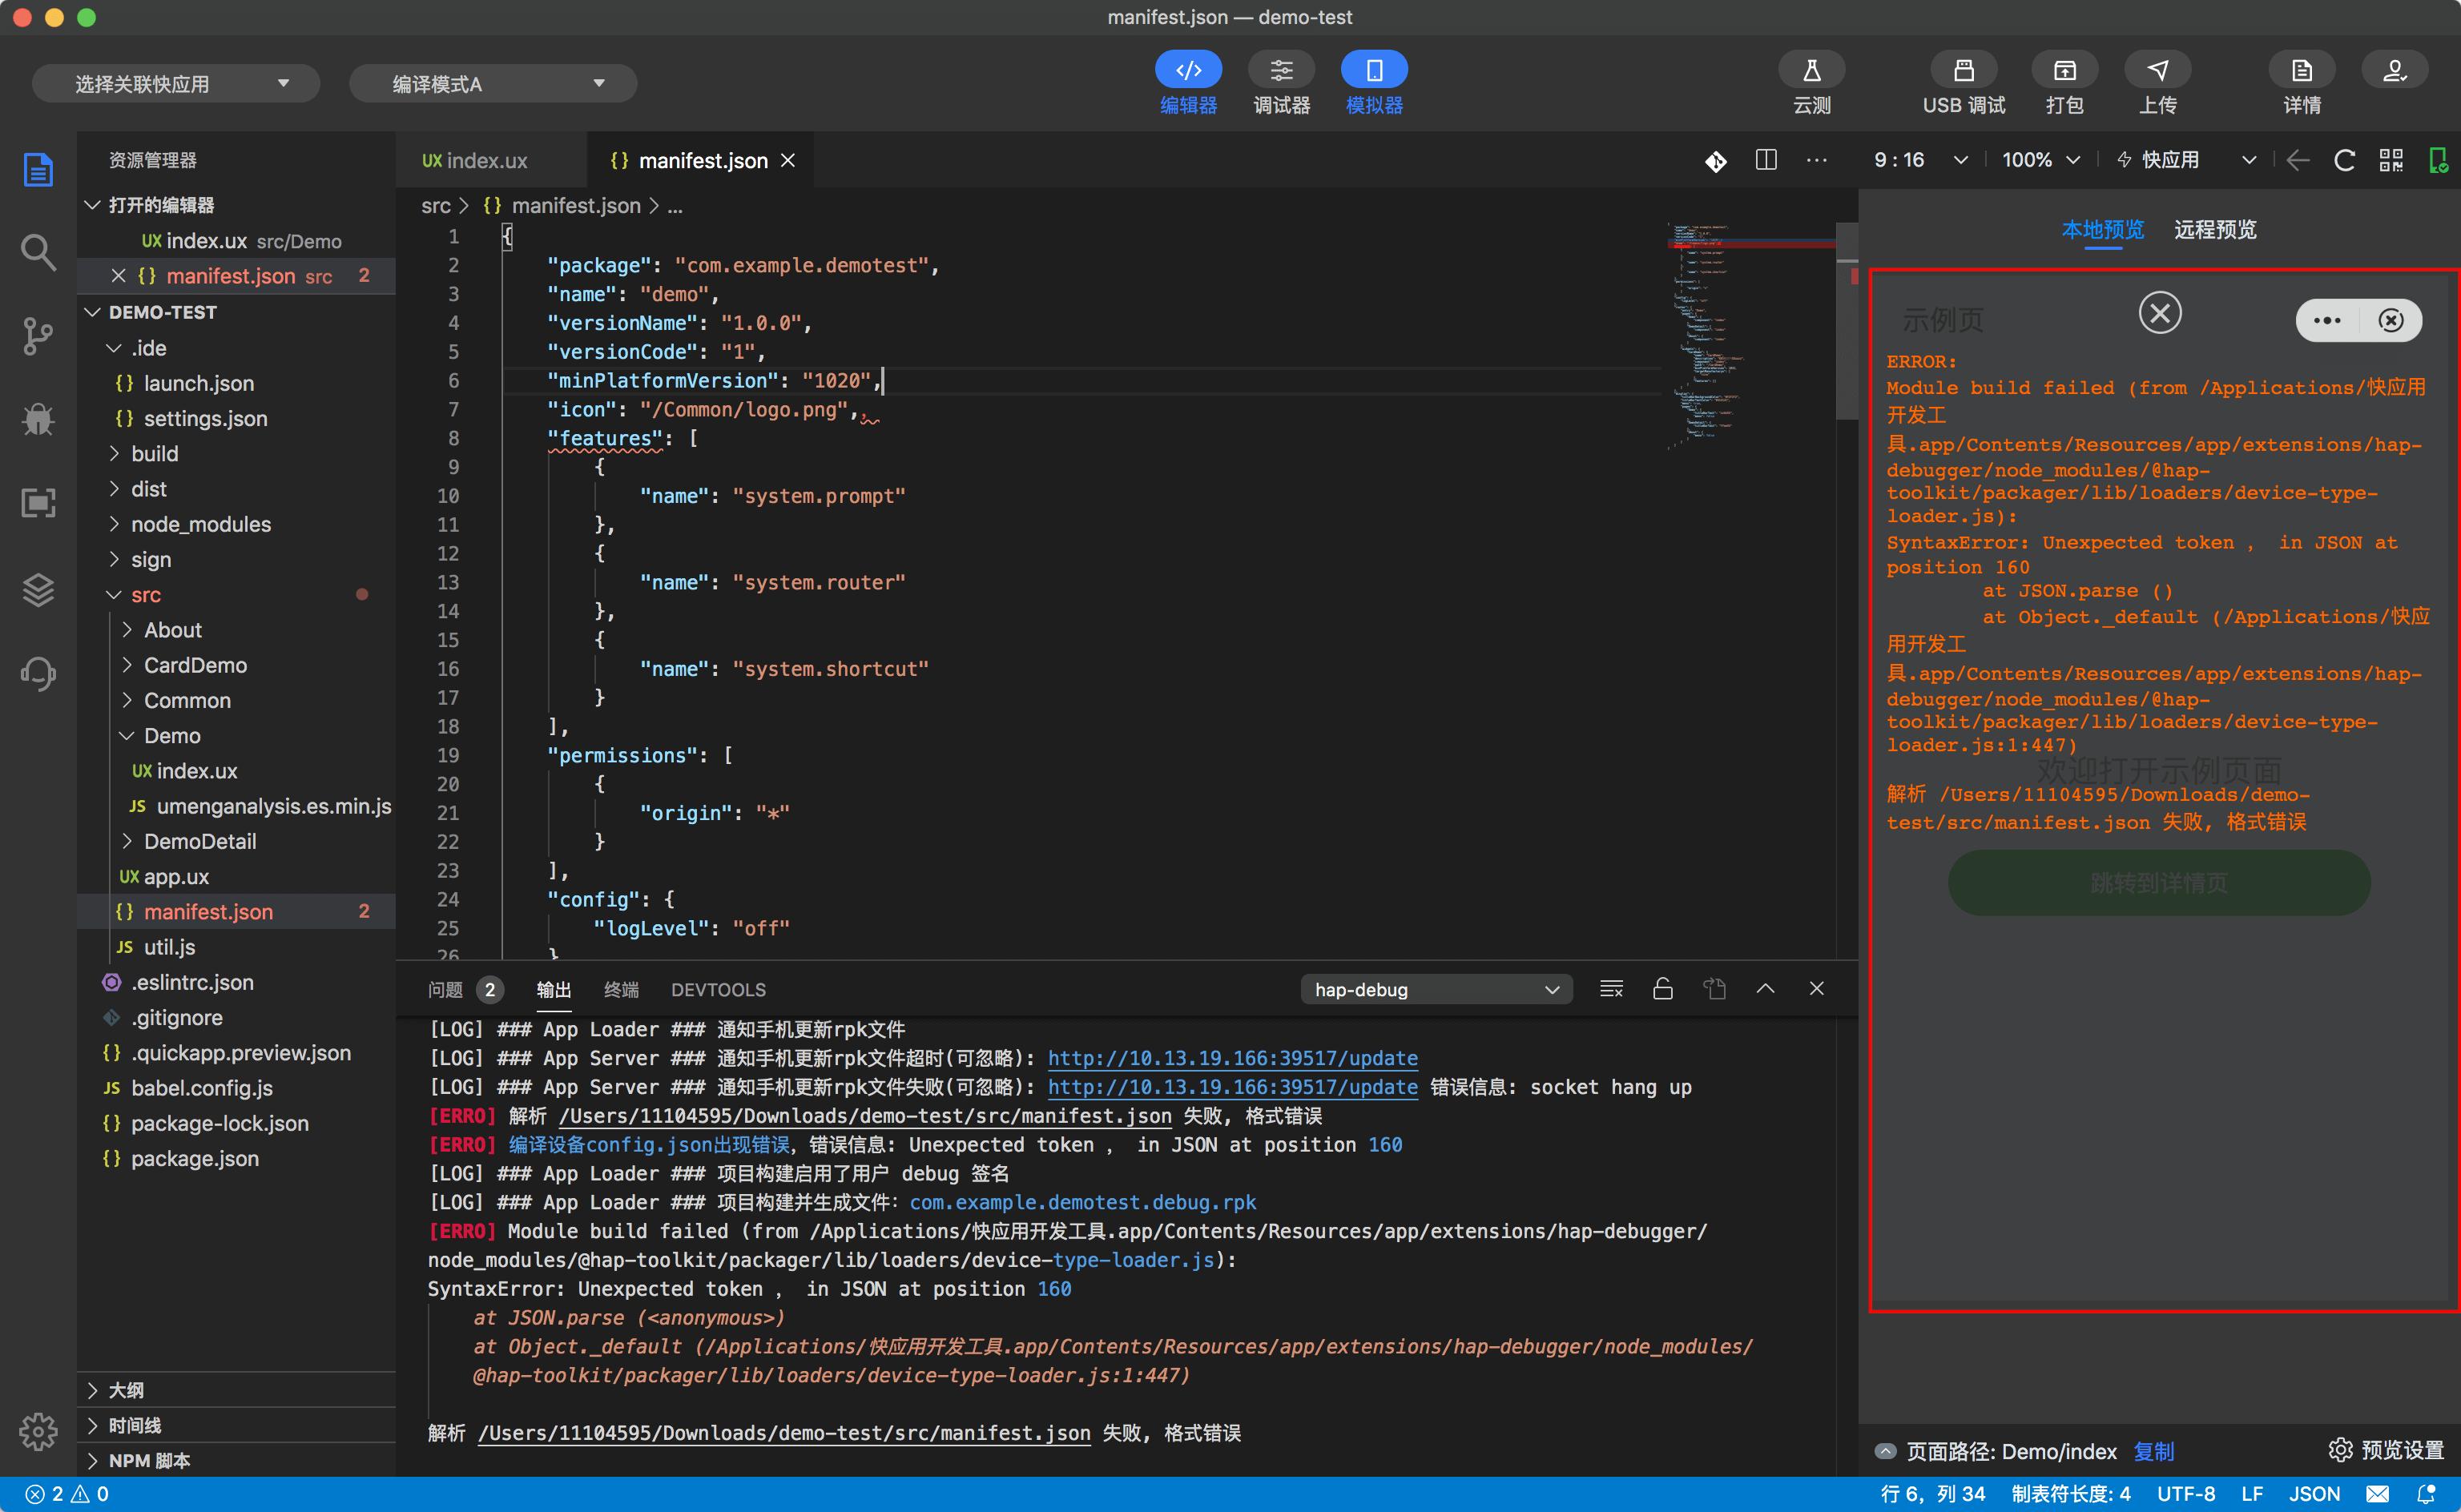 快应用 IDE 预览区展示打包报错信息